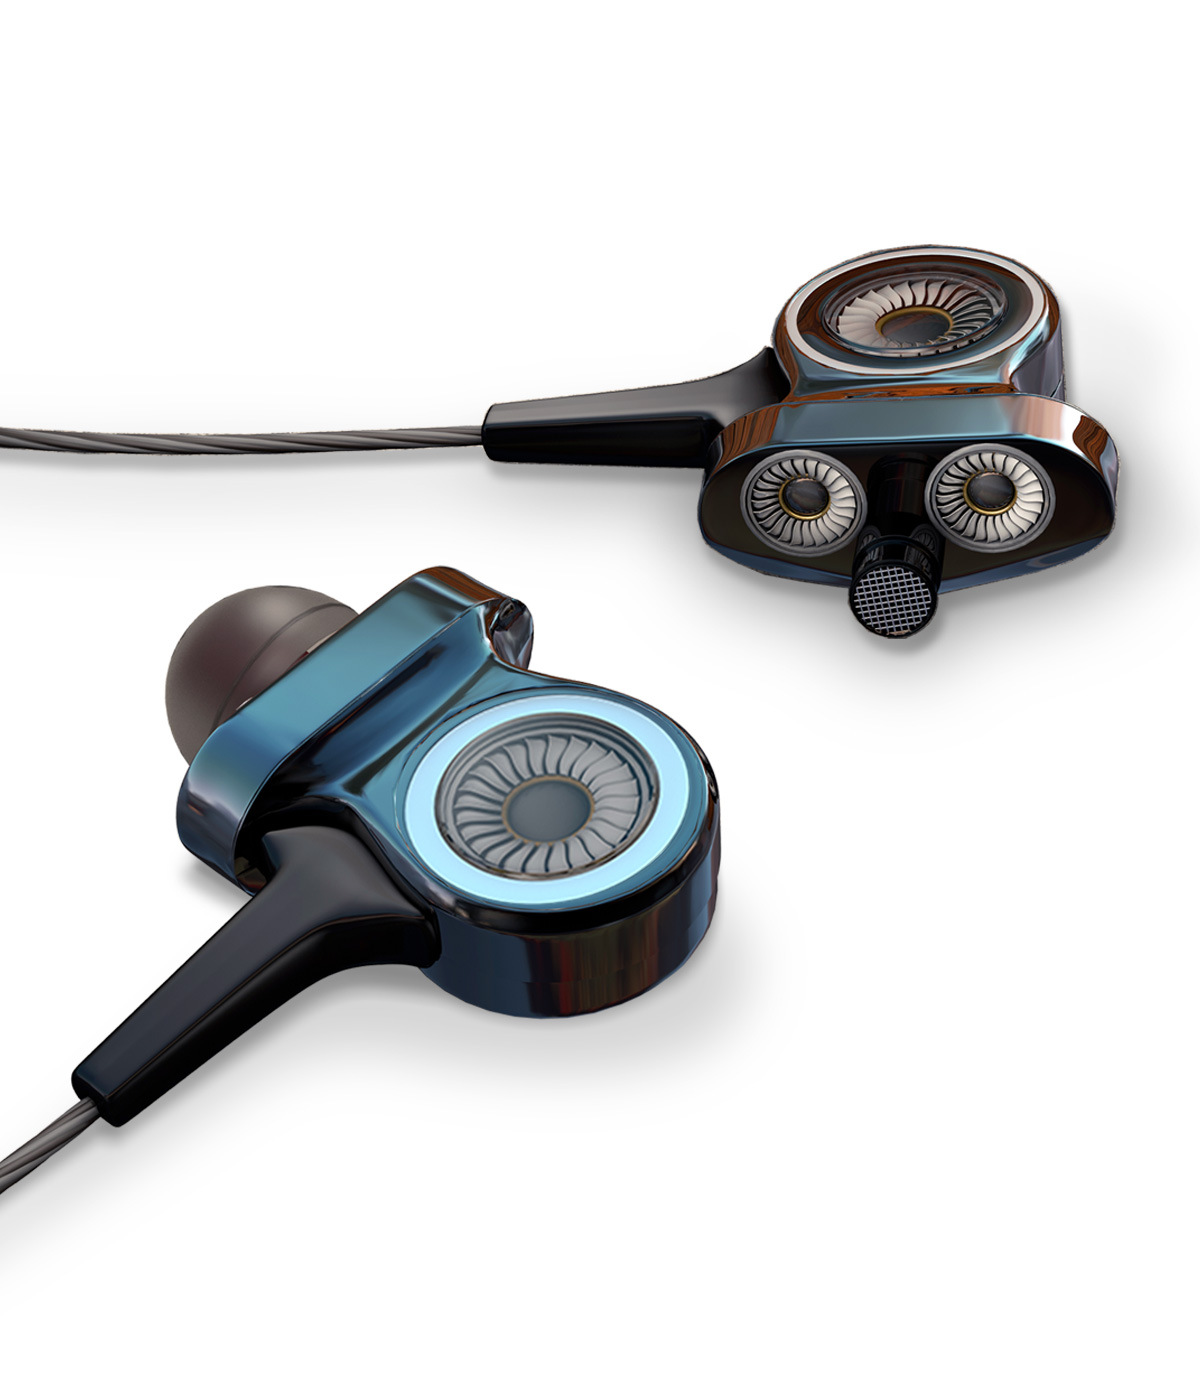 FMJ Tai nghe cuộn dây động trong tai nghe siêu trầm FMJi8